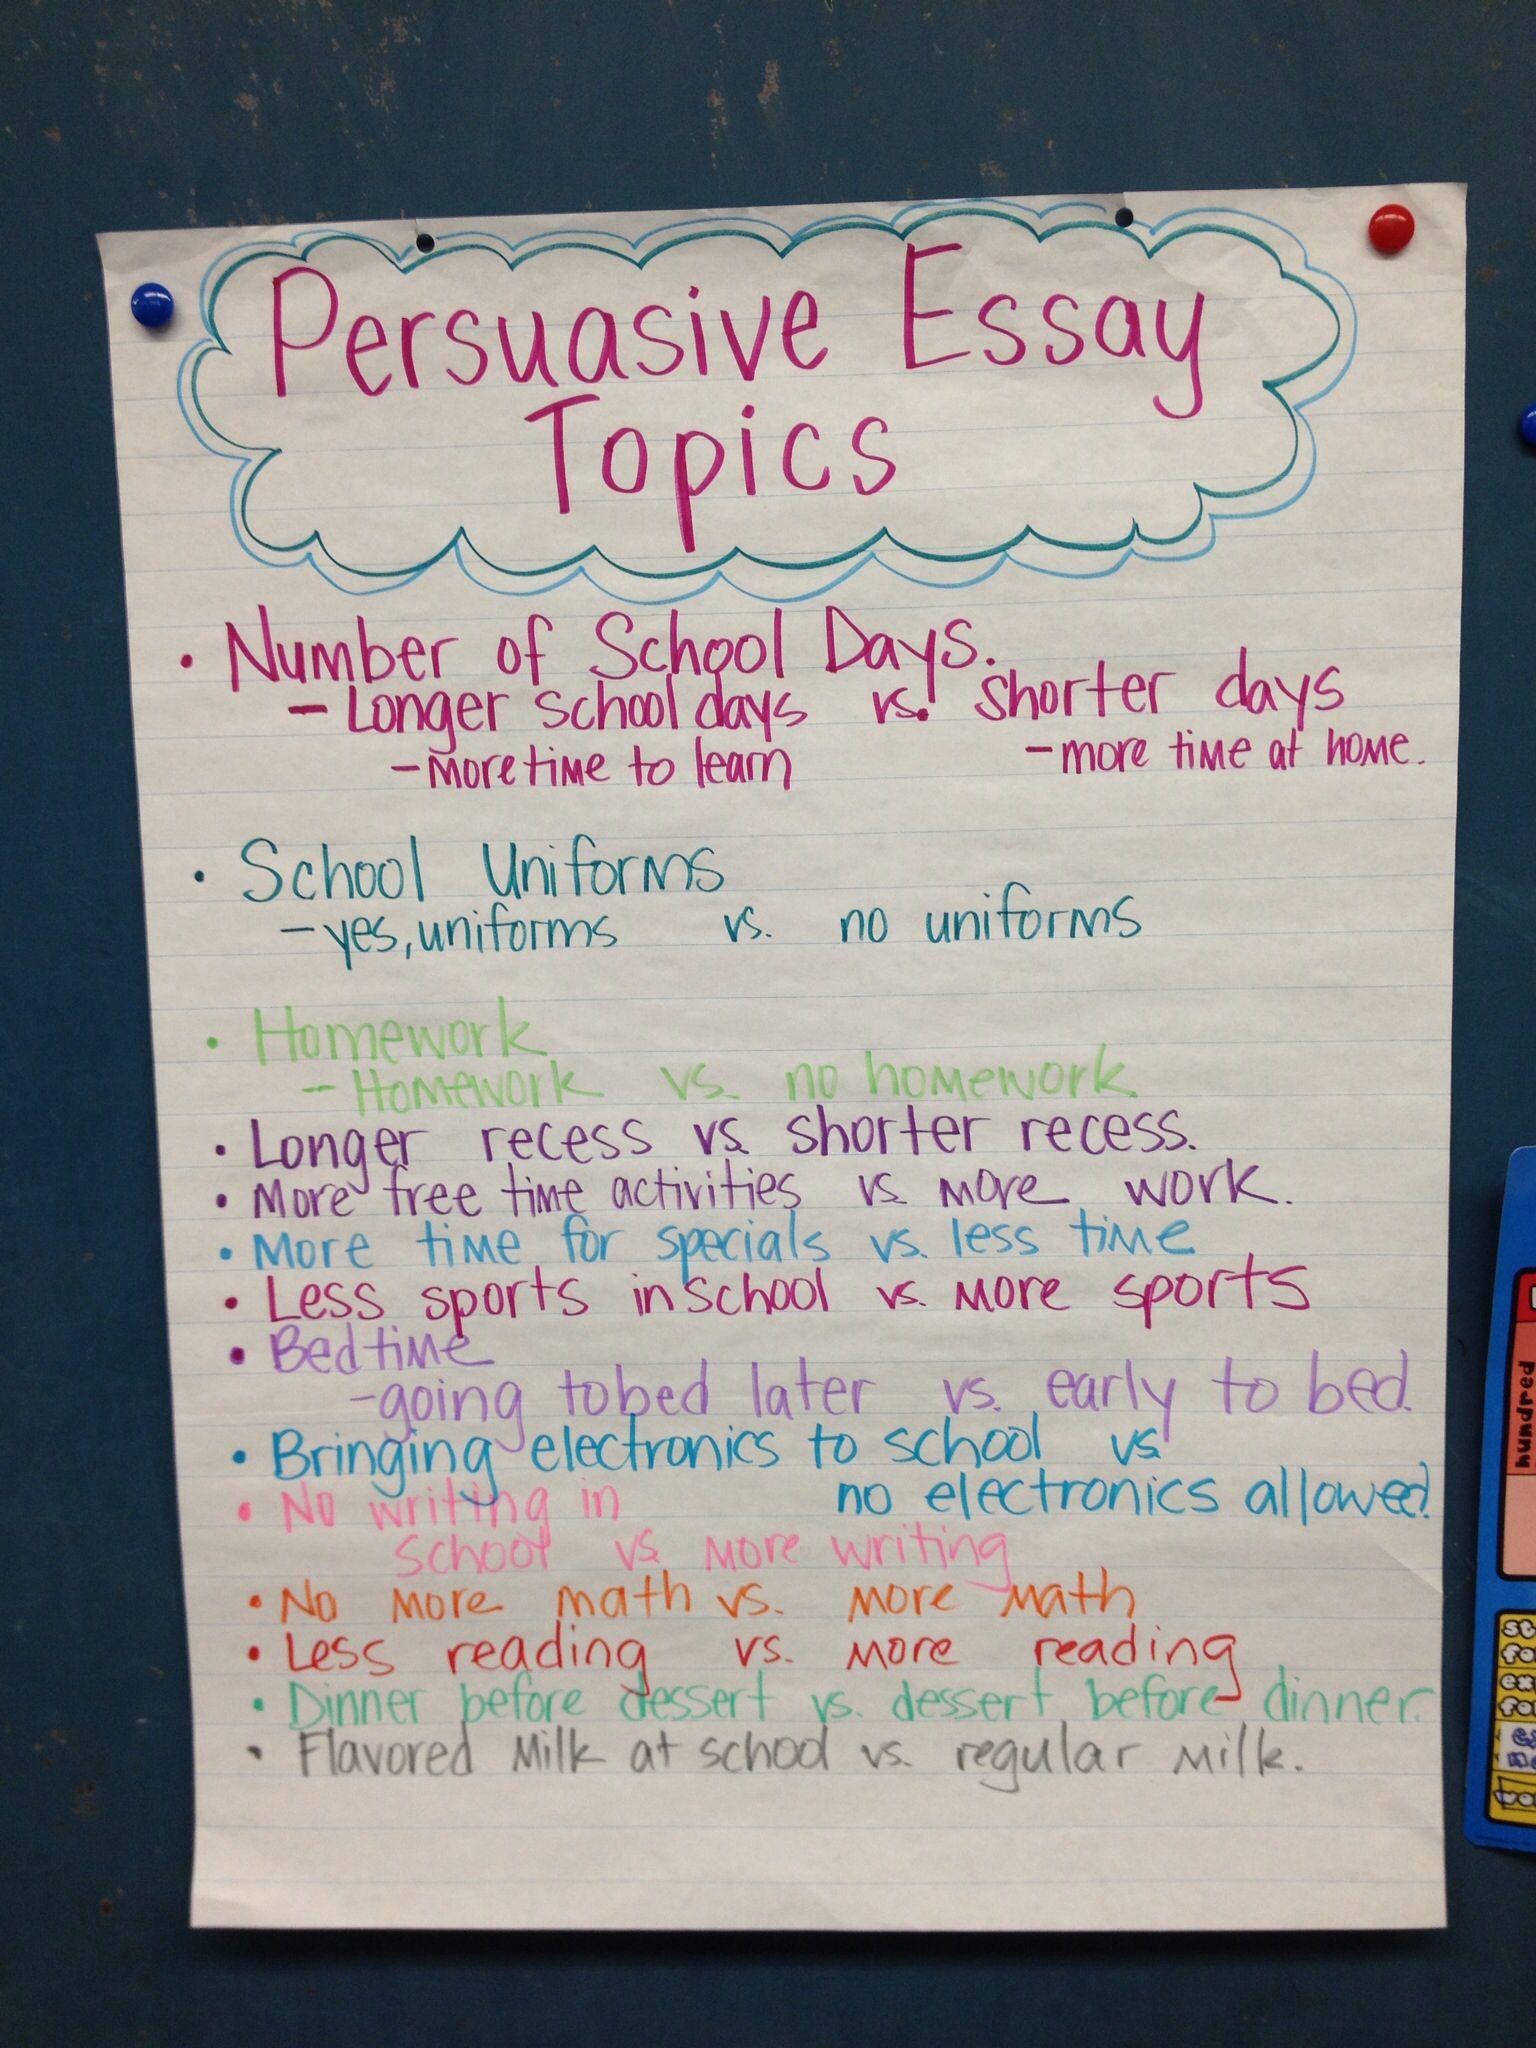 013 Good Persuasive Essay Topics Example Amazing For College Argumentative High School Full